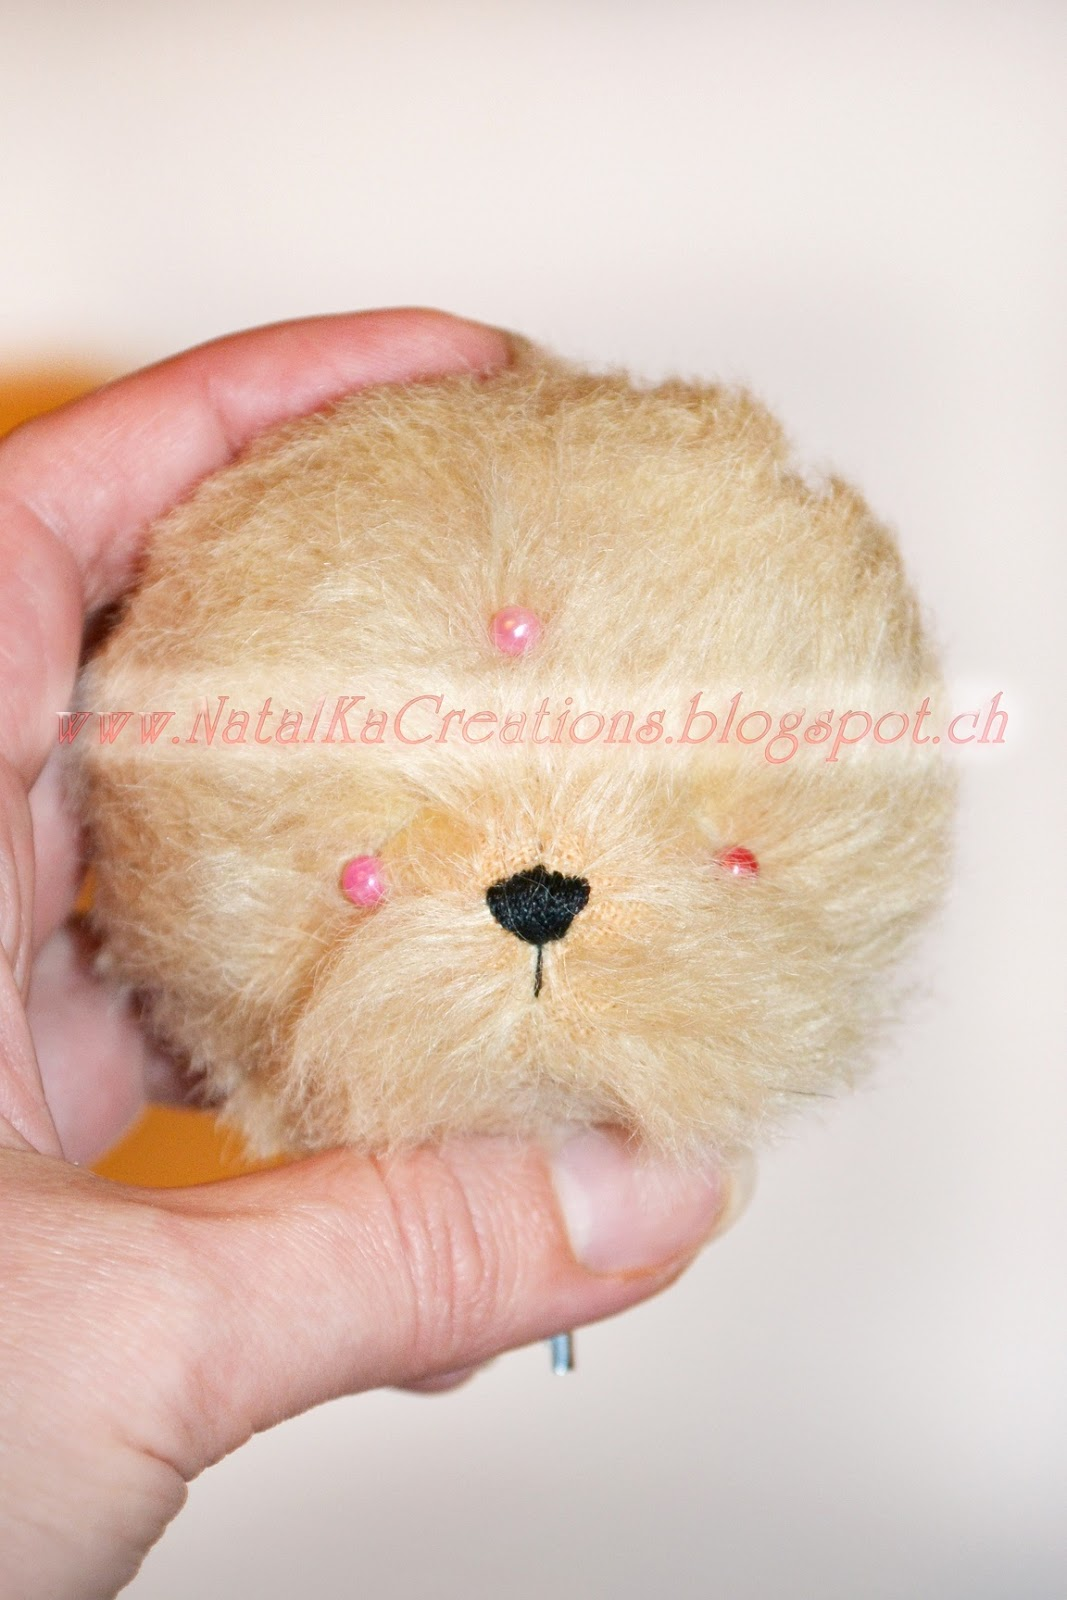 Онлайн мастер-класс по пошиву мишки тедди, как сшить мишку тедди, шьем вместе мишку тедди, совместный пошив мишки тедди от NatalKa Creations